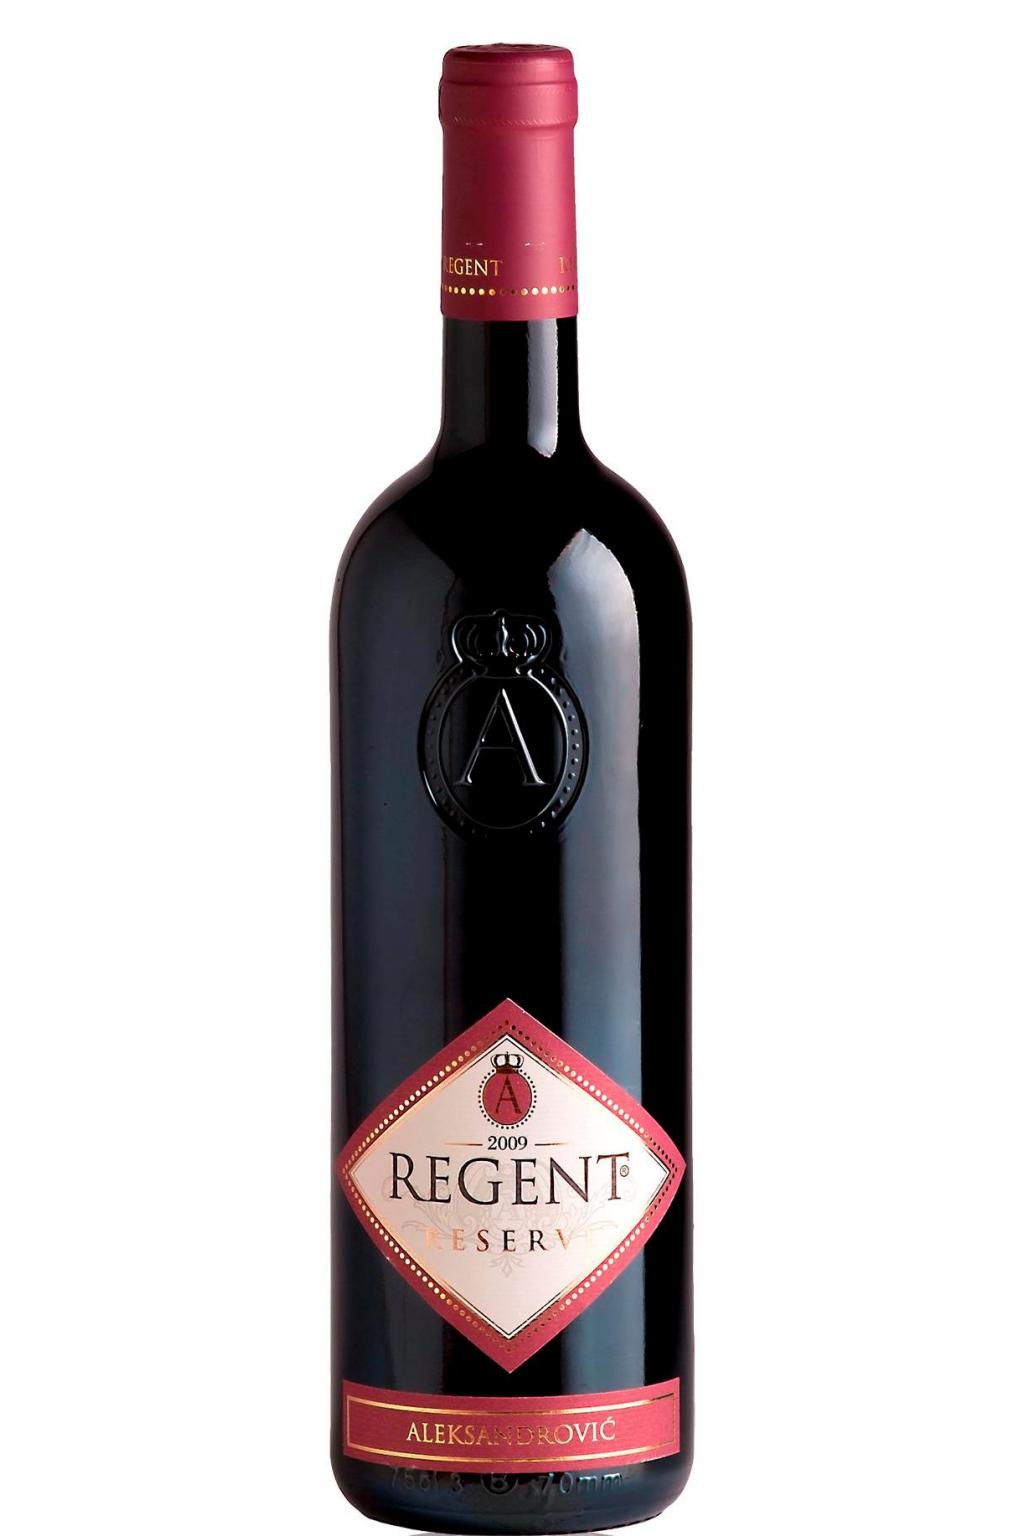 Cuvée 'Regent' Cab. Sauvignon-Merlot